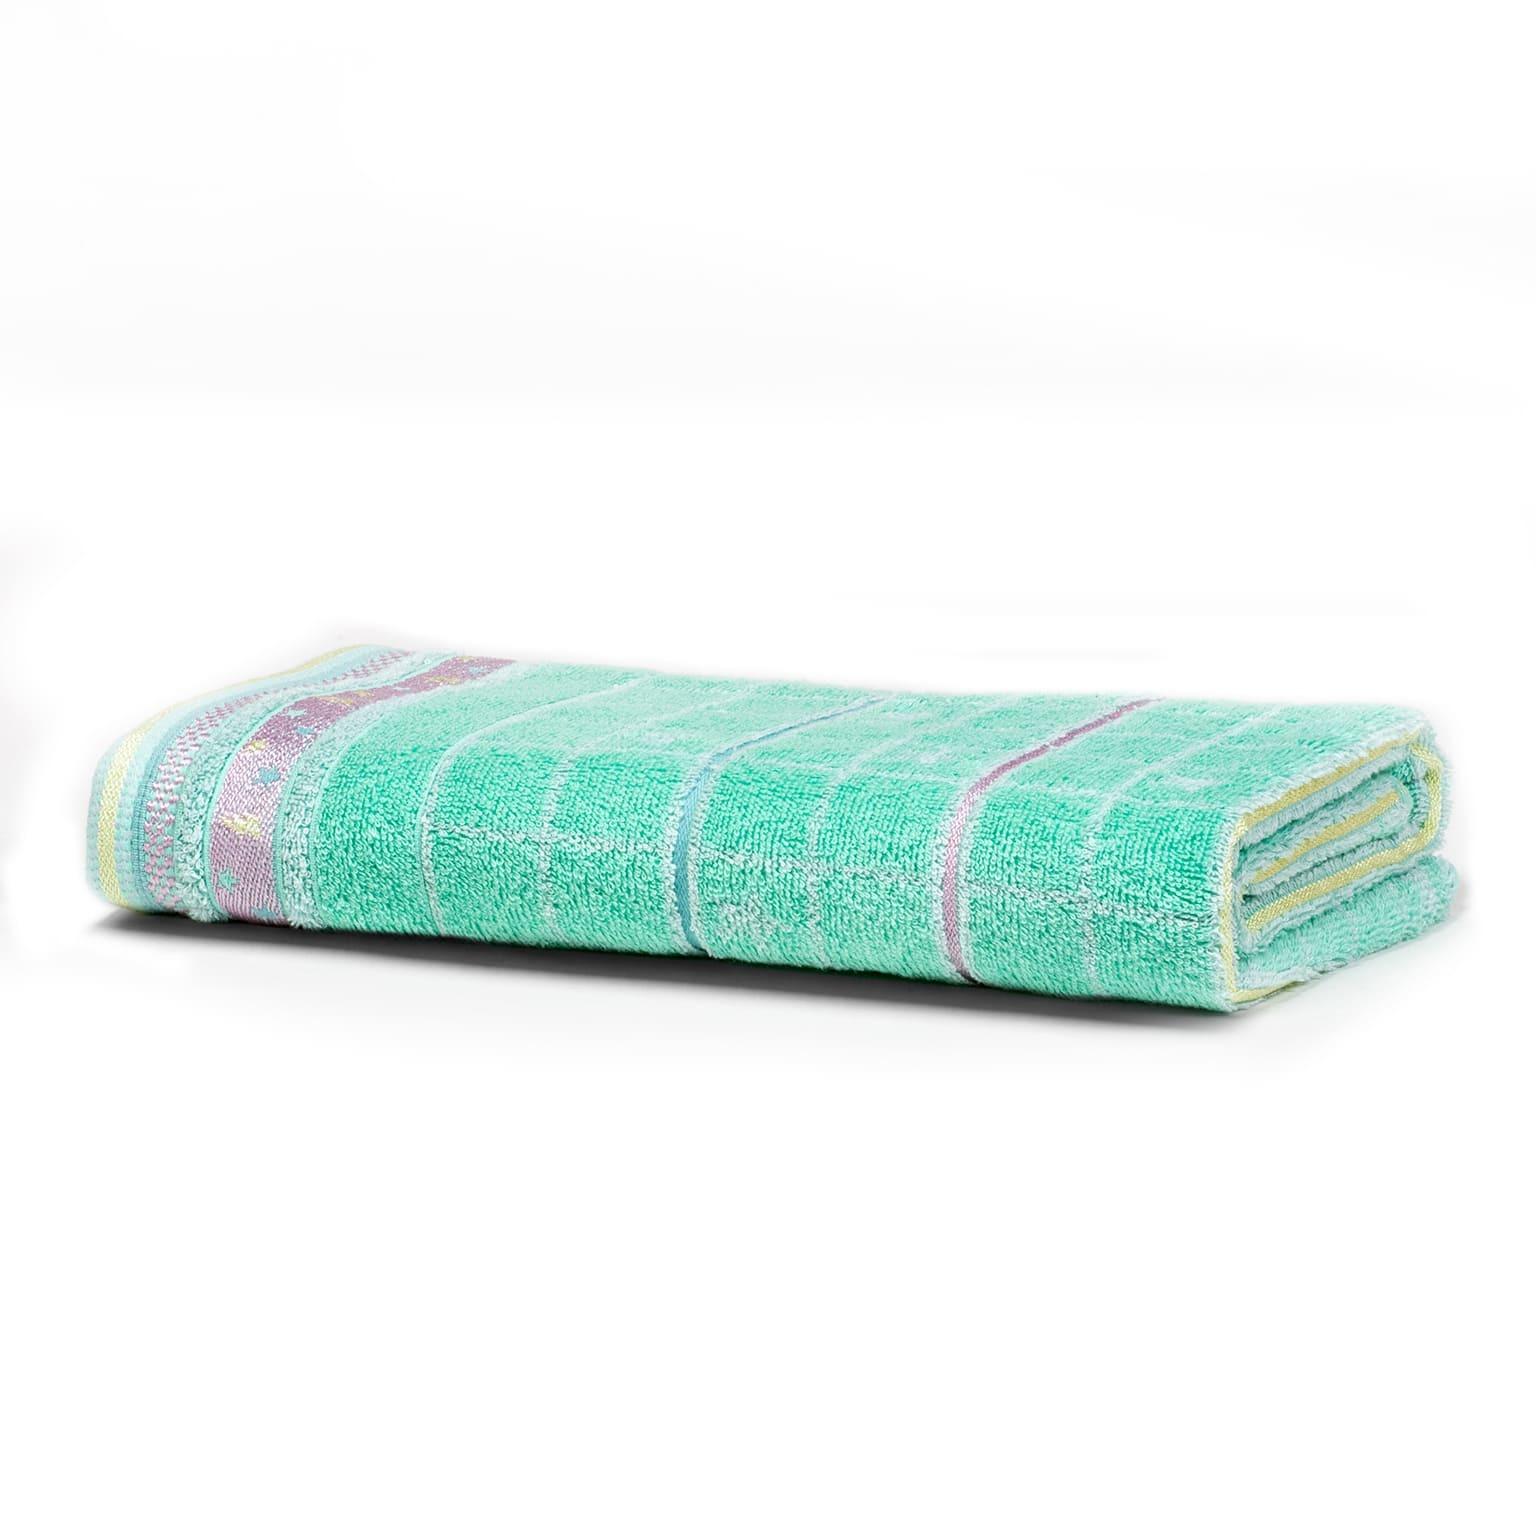 Toalha de Banho Artex Infantil 100 Algodao 70x135 cm Menta